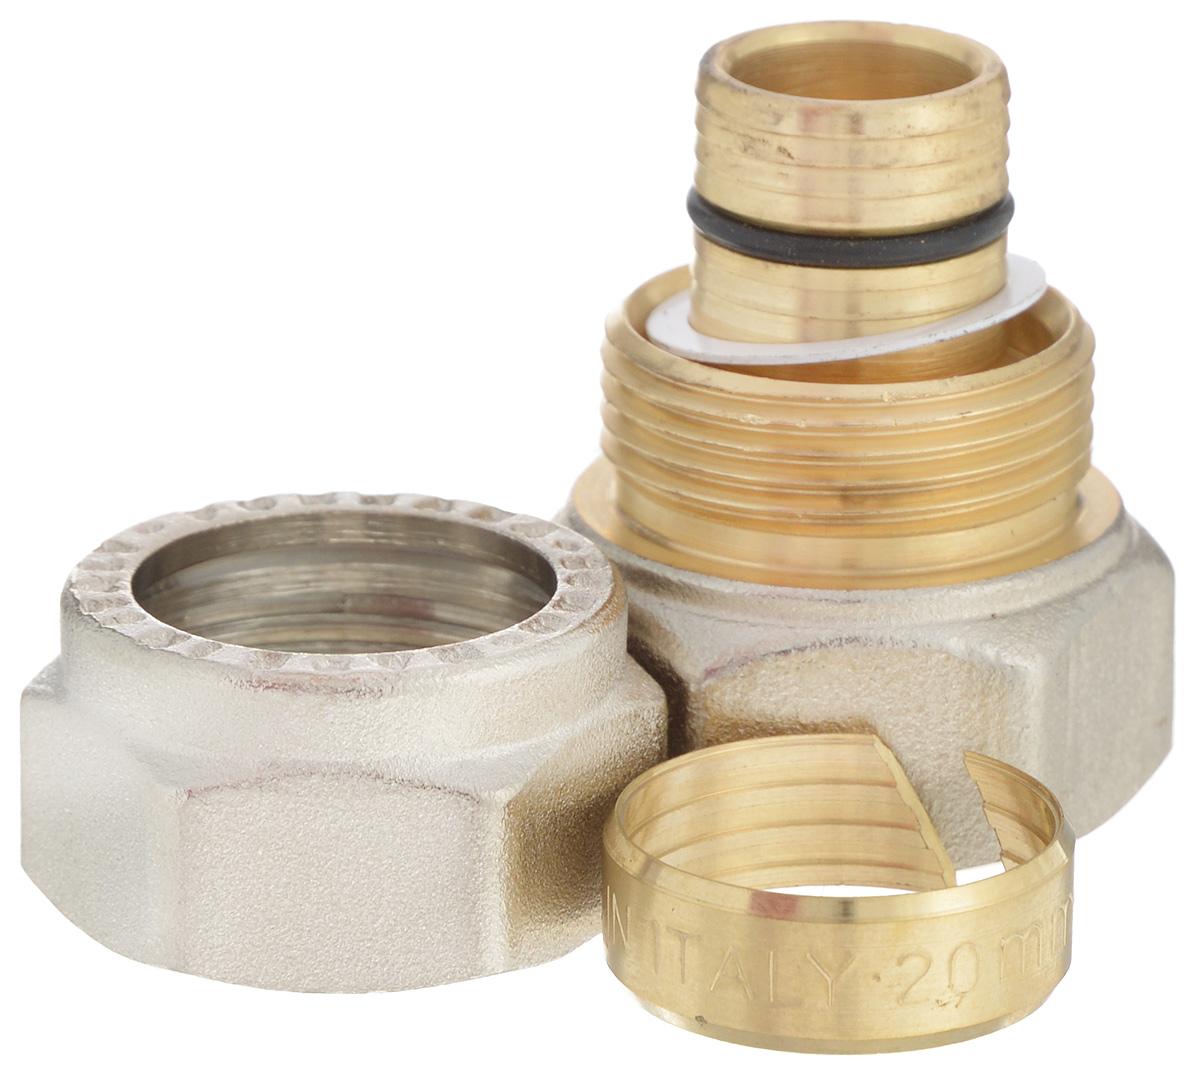 Соединитель Fornara, ц - г, 20 x 3/4BL505Соединитель Fornara предназначен для соединения металлопластиковых труб с помощью разводного ключа. Соединение получается разъемным, что позволяет при необходимости заменять уплотнительные кольца, а также производить обслуживание участка трубопровода.